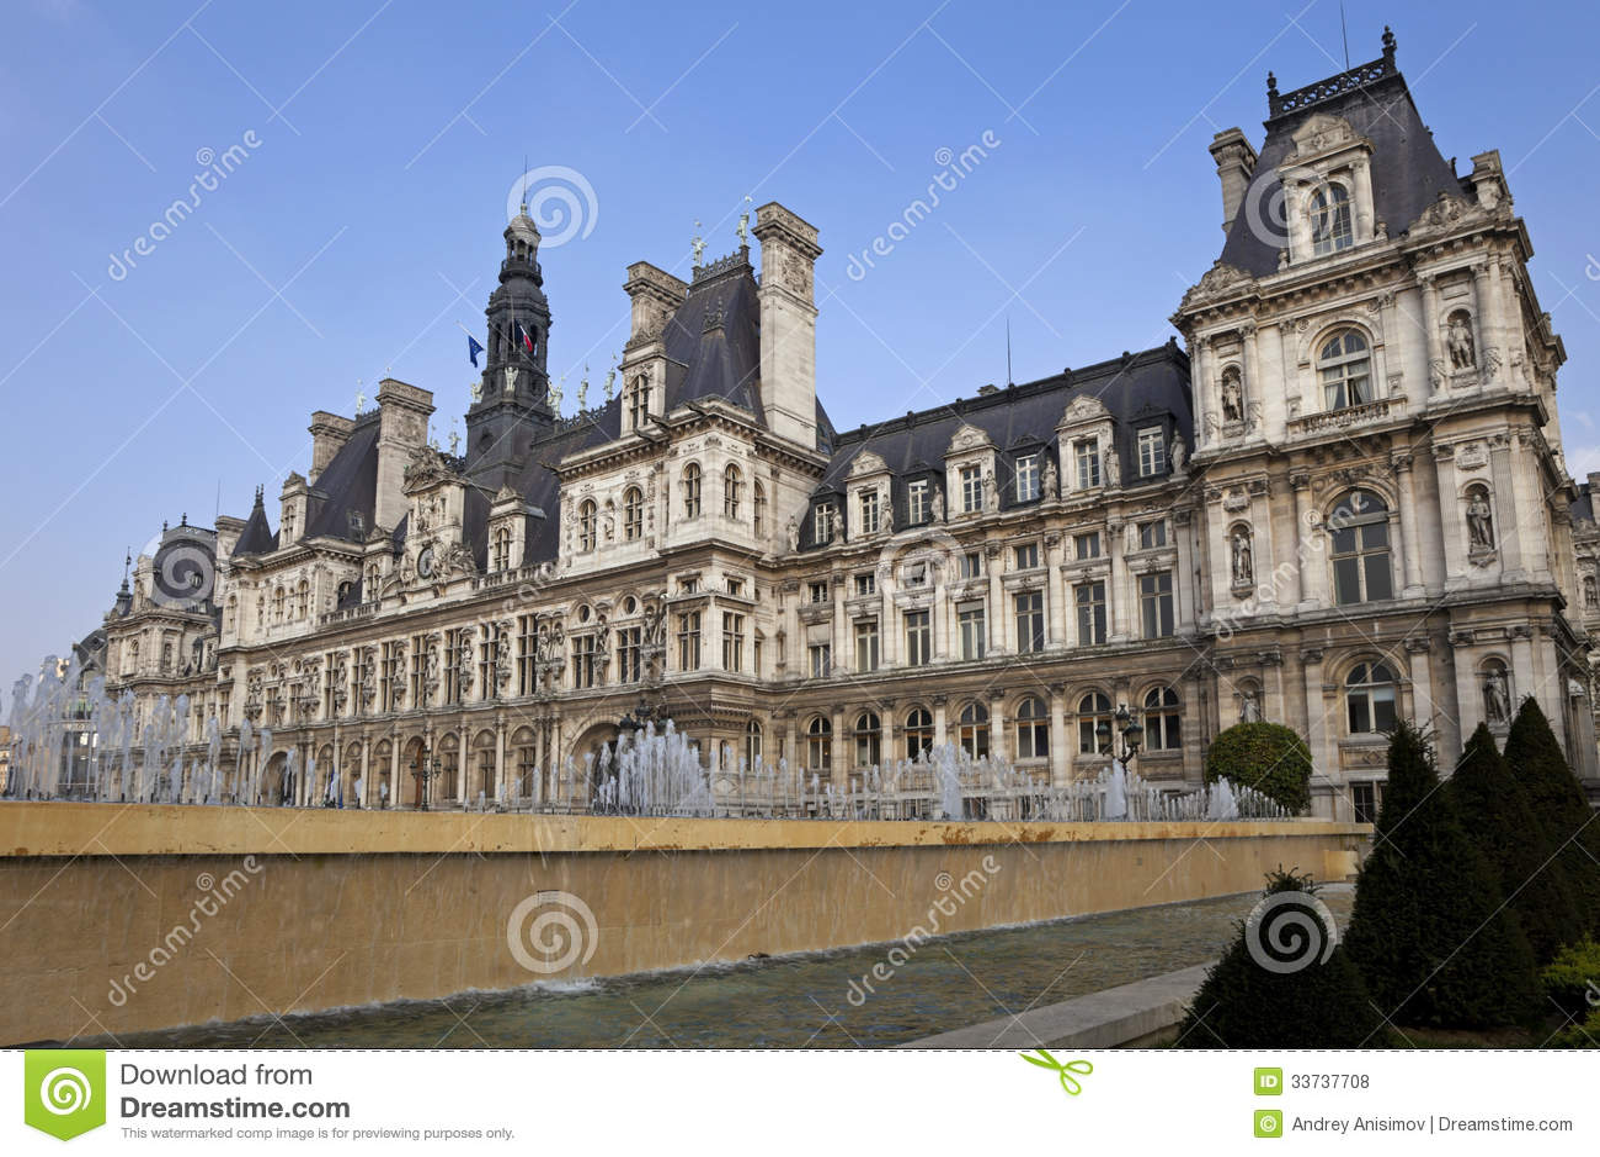 Hotel De Ville Royalty Free Stock Photos Image 33737708